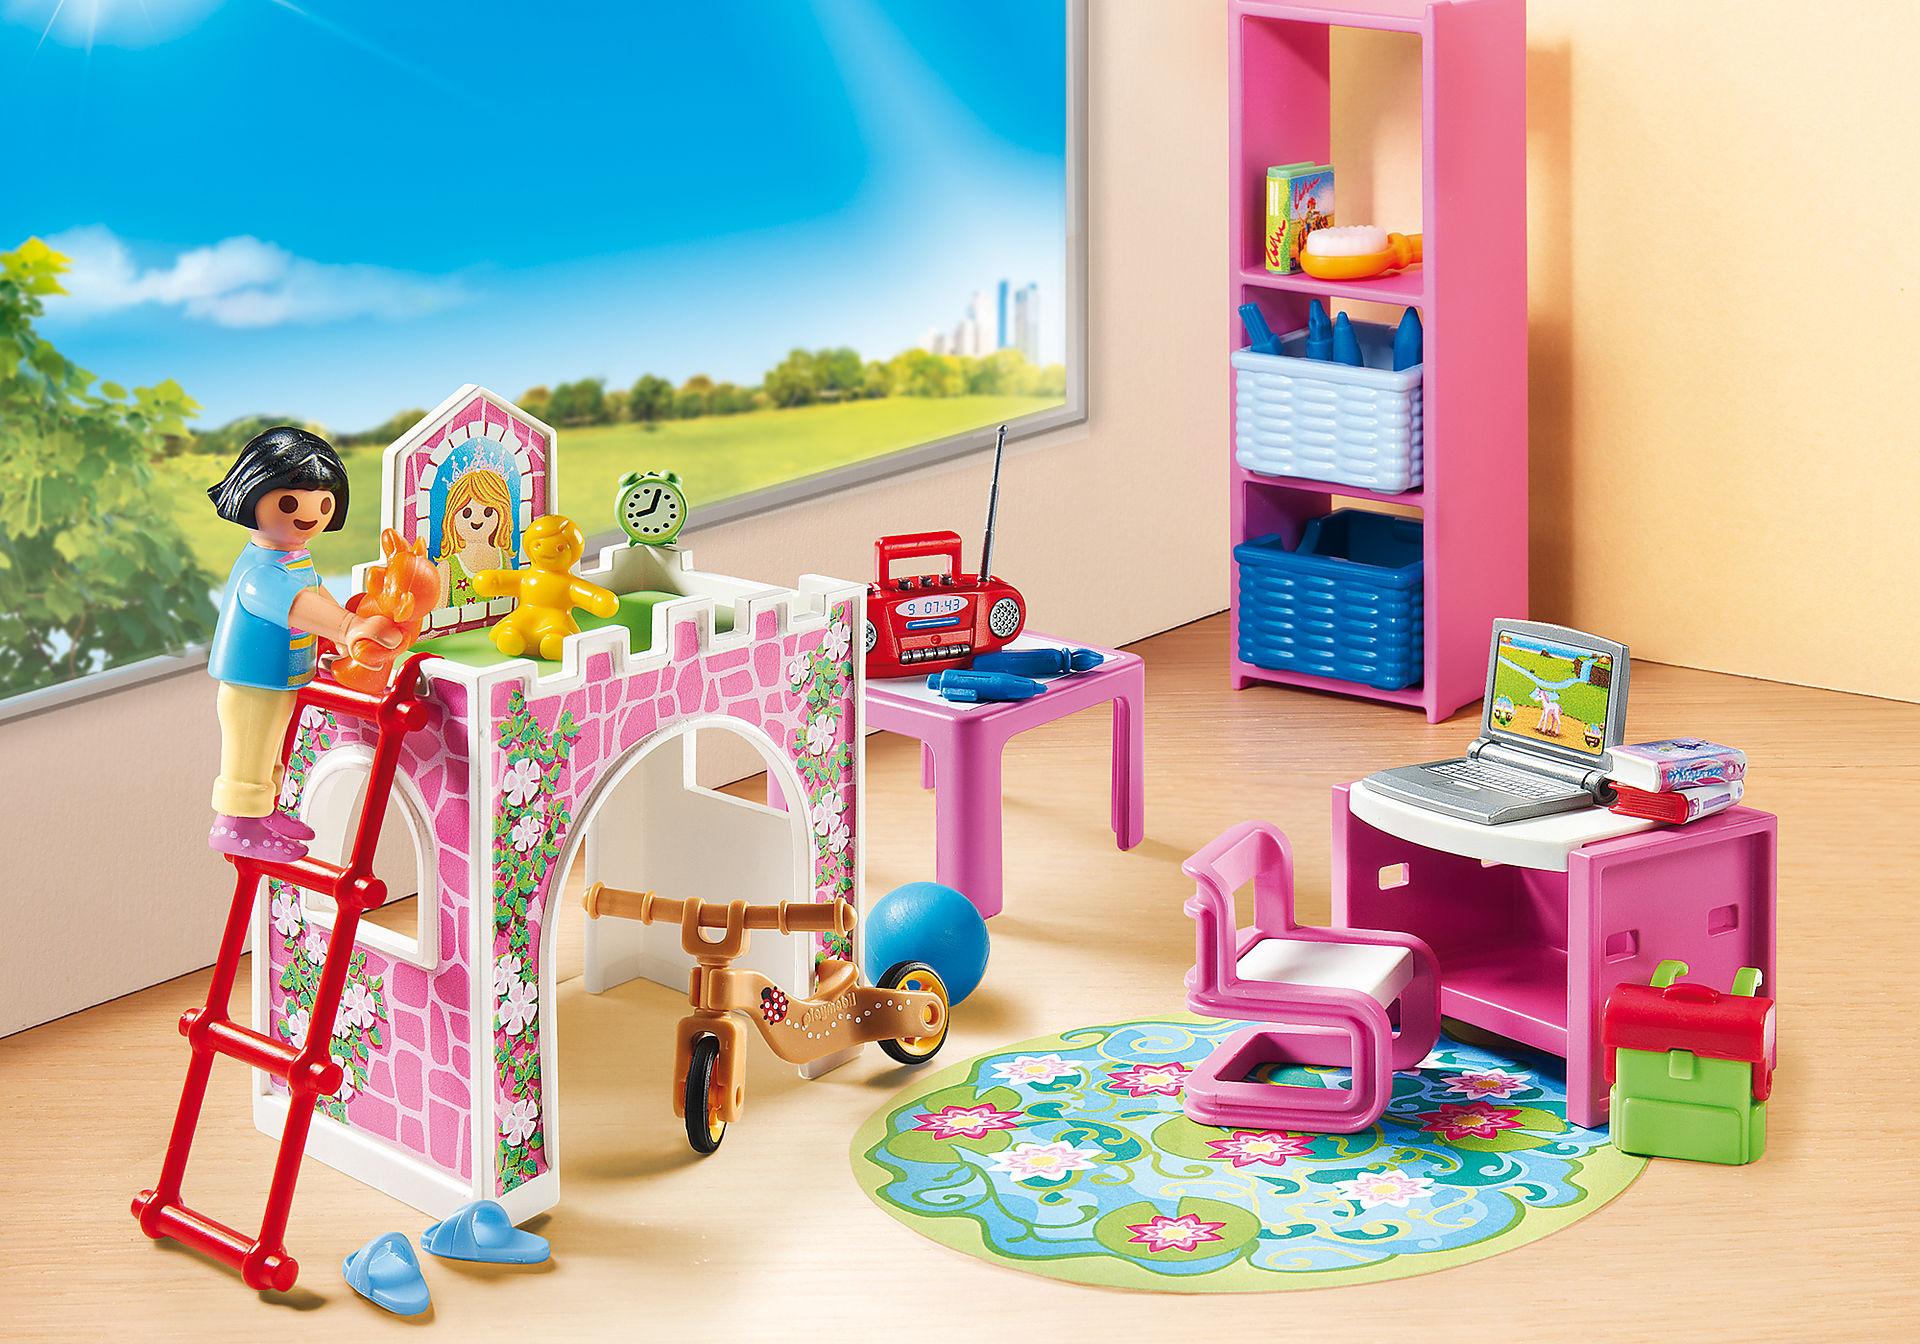 9270 Fröhliches Kinderzimmer zoom image1